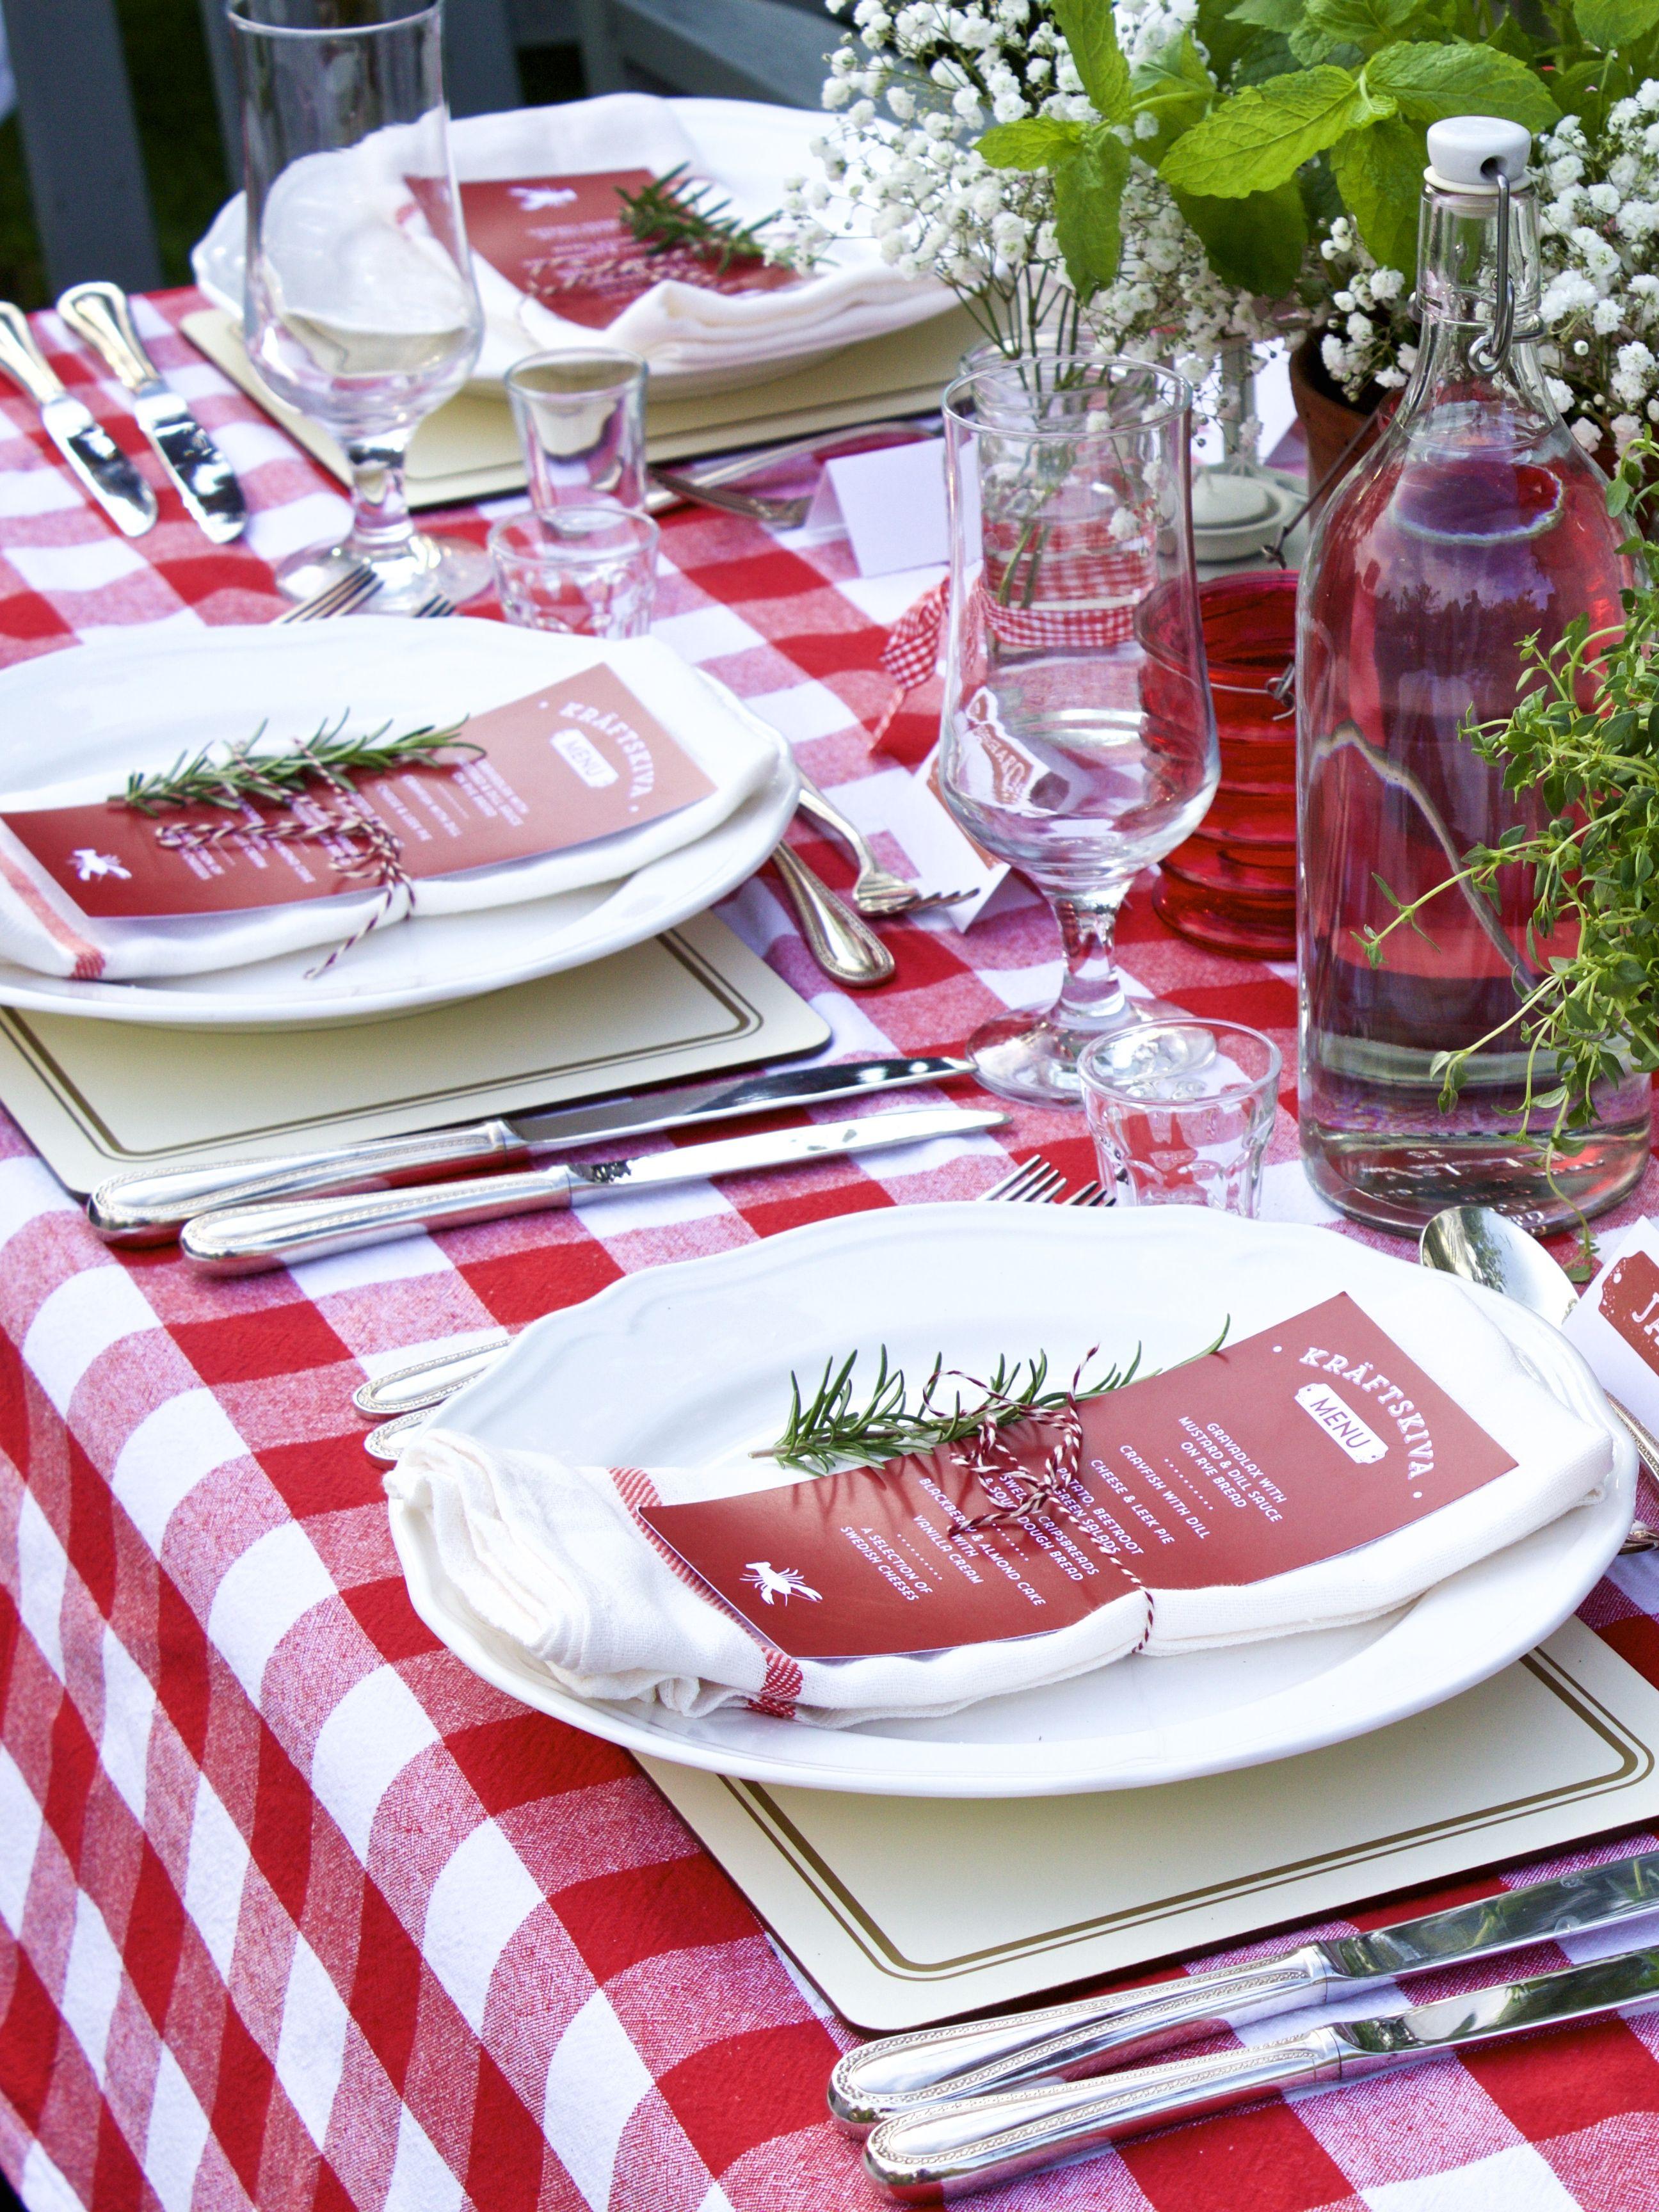 48f6ee36376e951534b2eccb0fe62cf0 Meilleur De De Table Pour Cuisine Des Idées